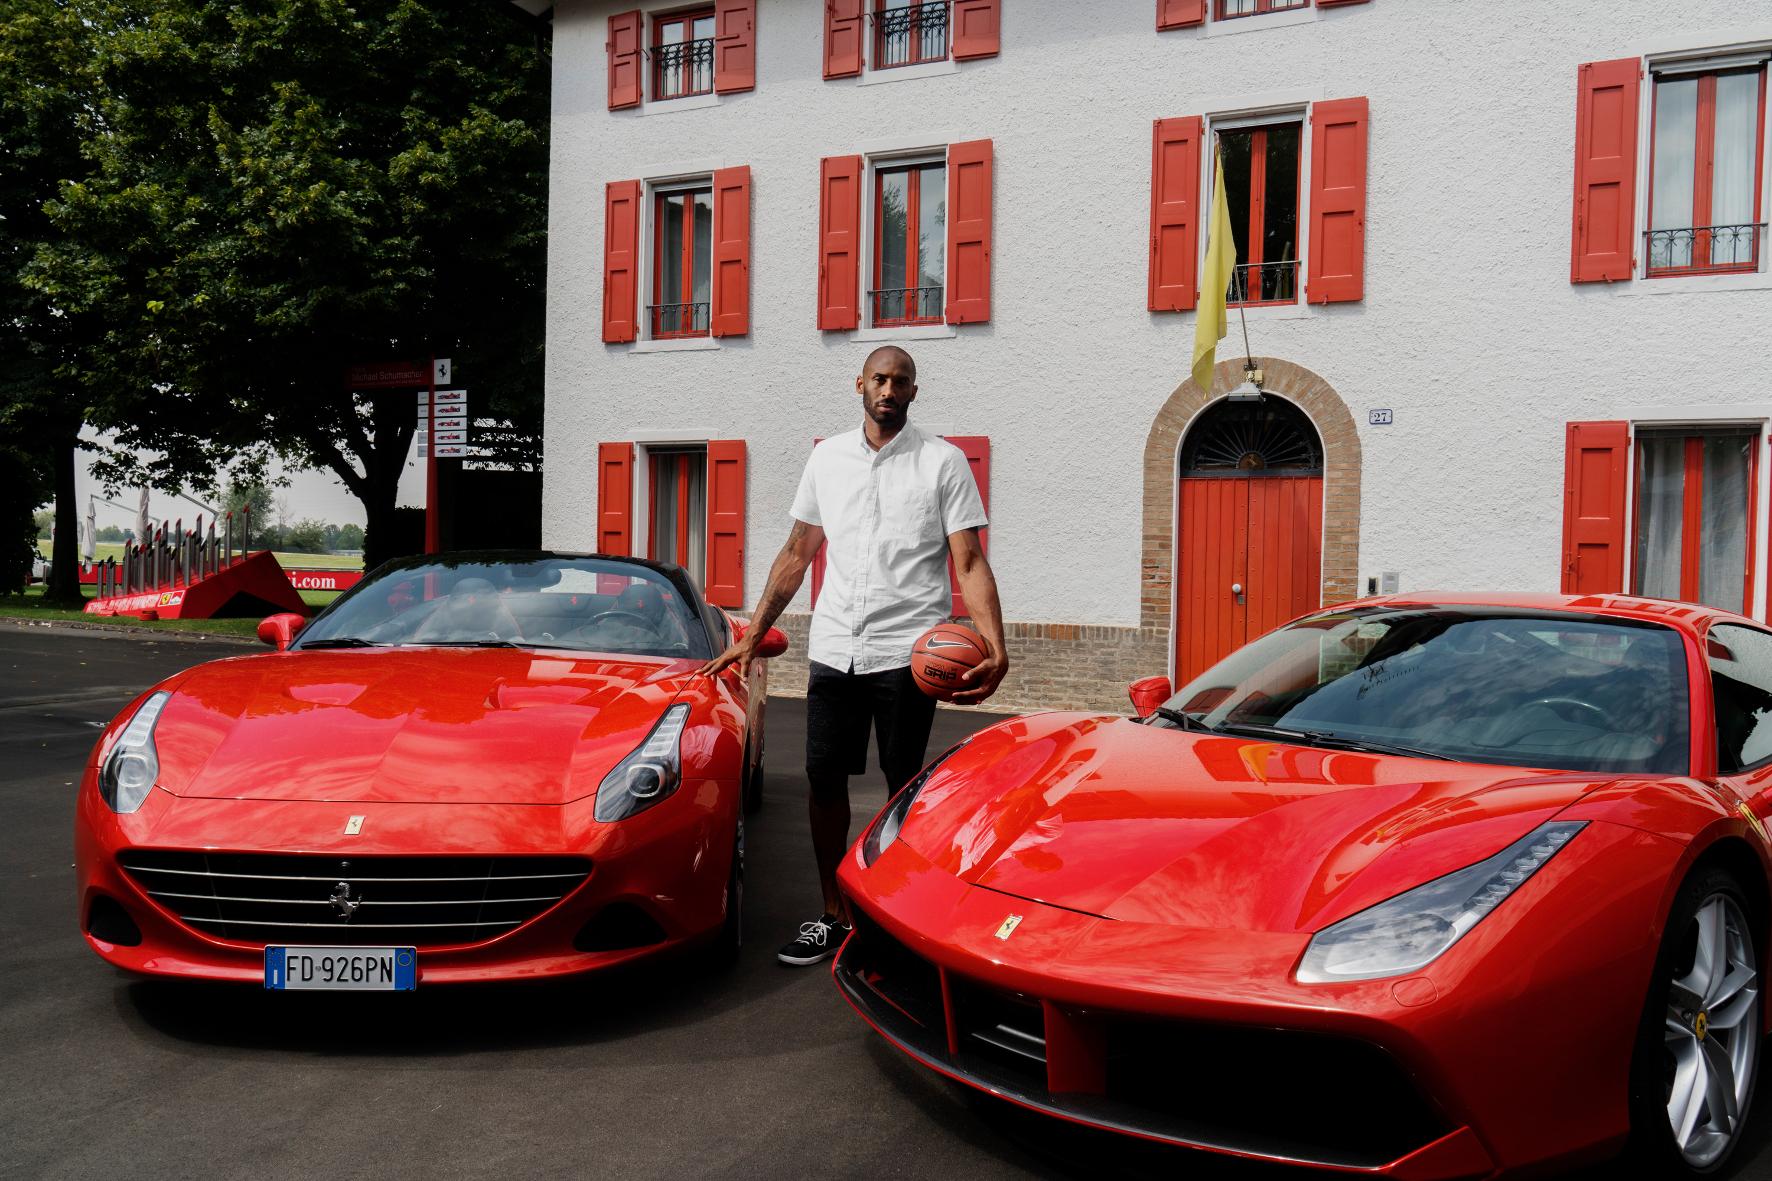 mid Groß-Gerau - Diesem Mann gibt auch Ferrari besser keinen Korb: Basketball-Legende Kobe Bryant posiert vor dem Gebäude, in dem der legendäre Enzo Ferrari einst sein Büro hatte.